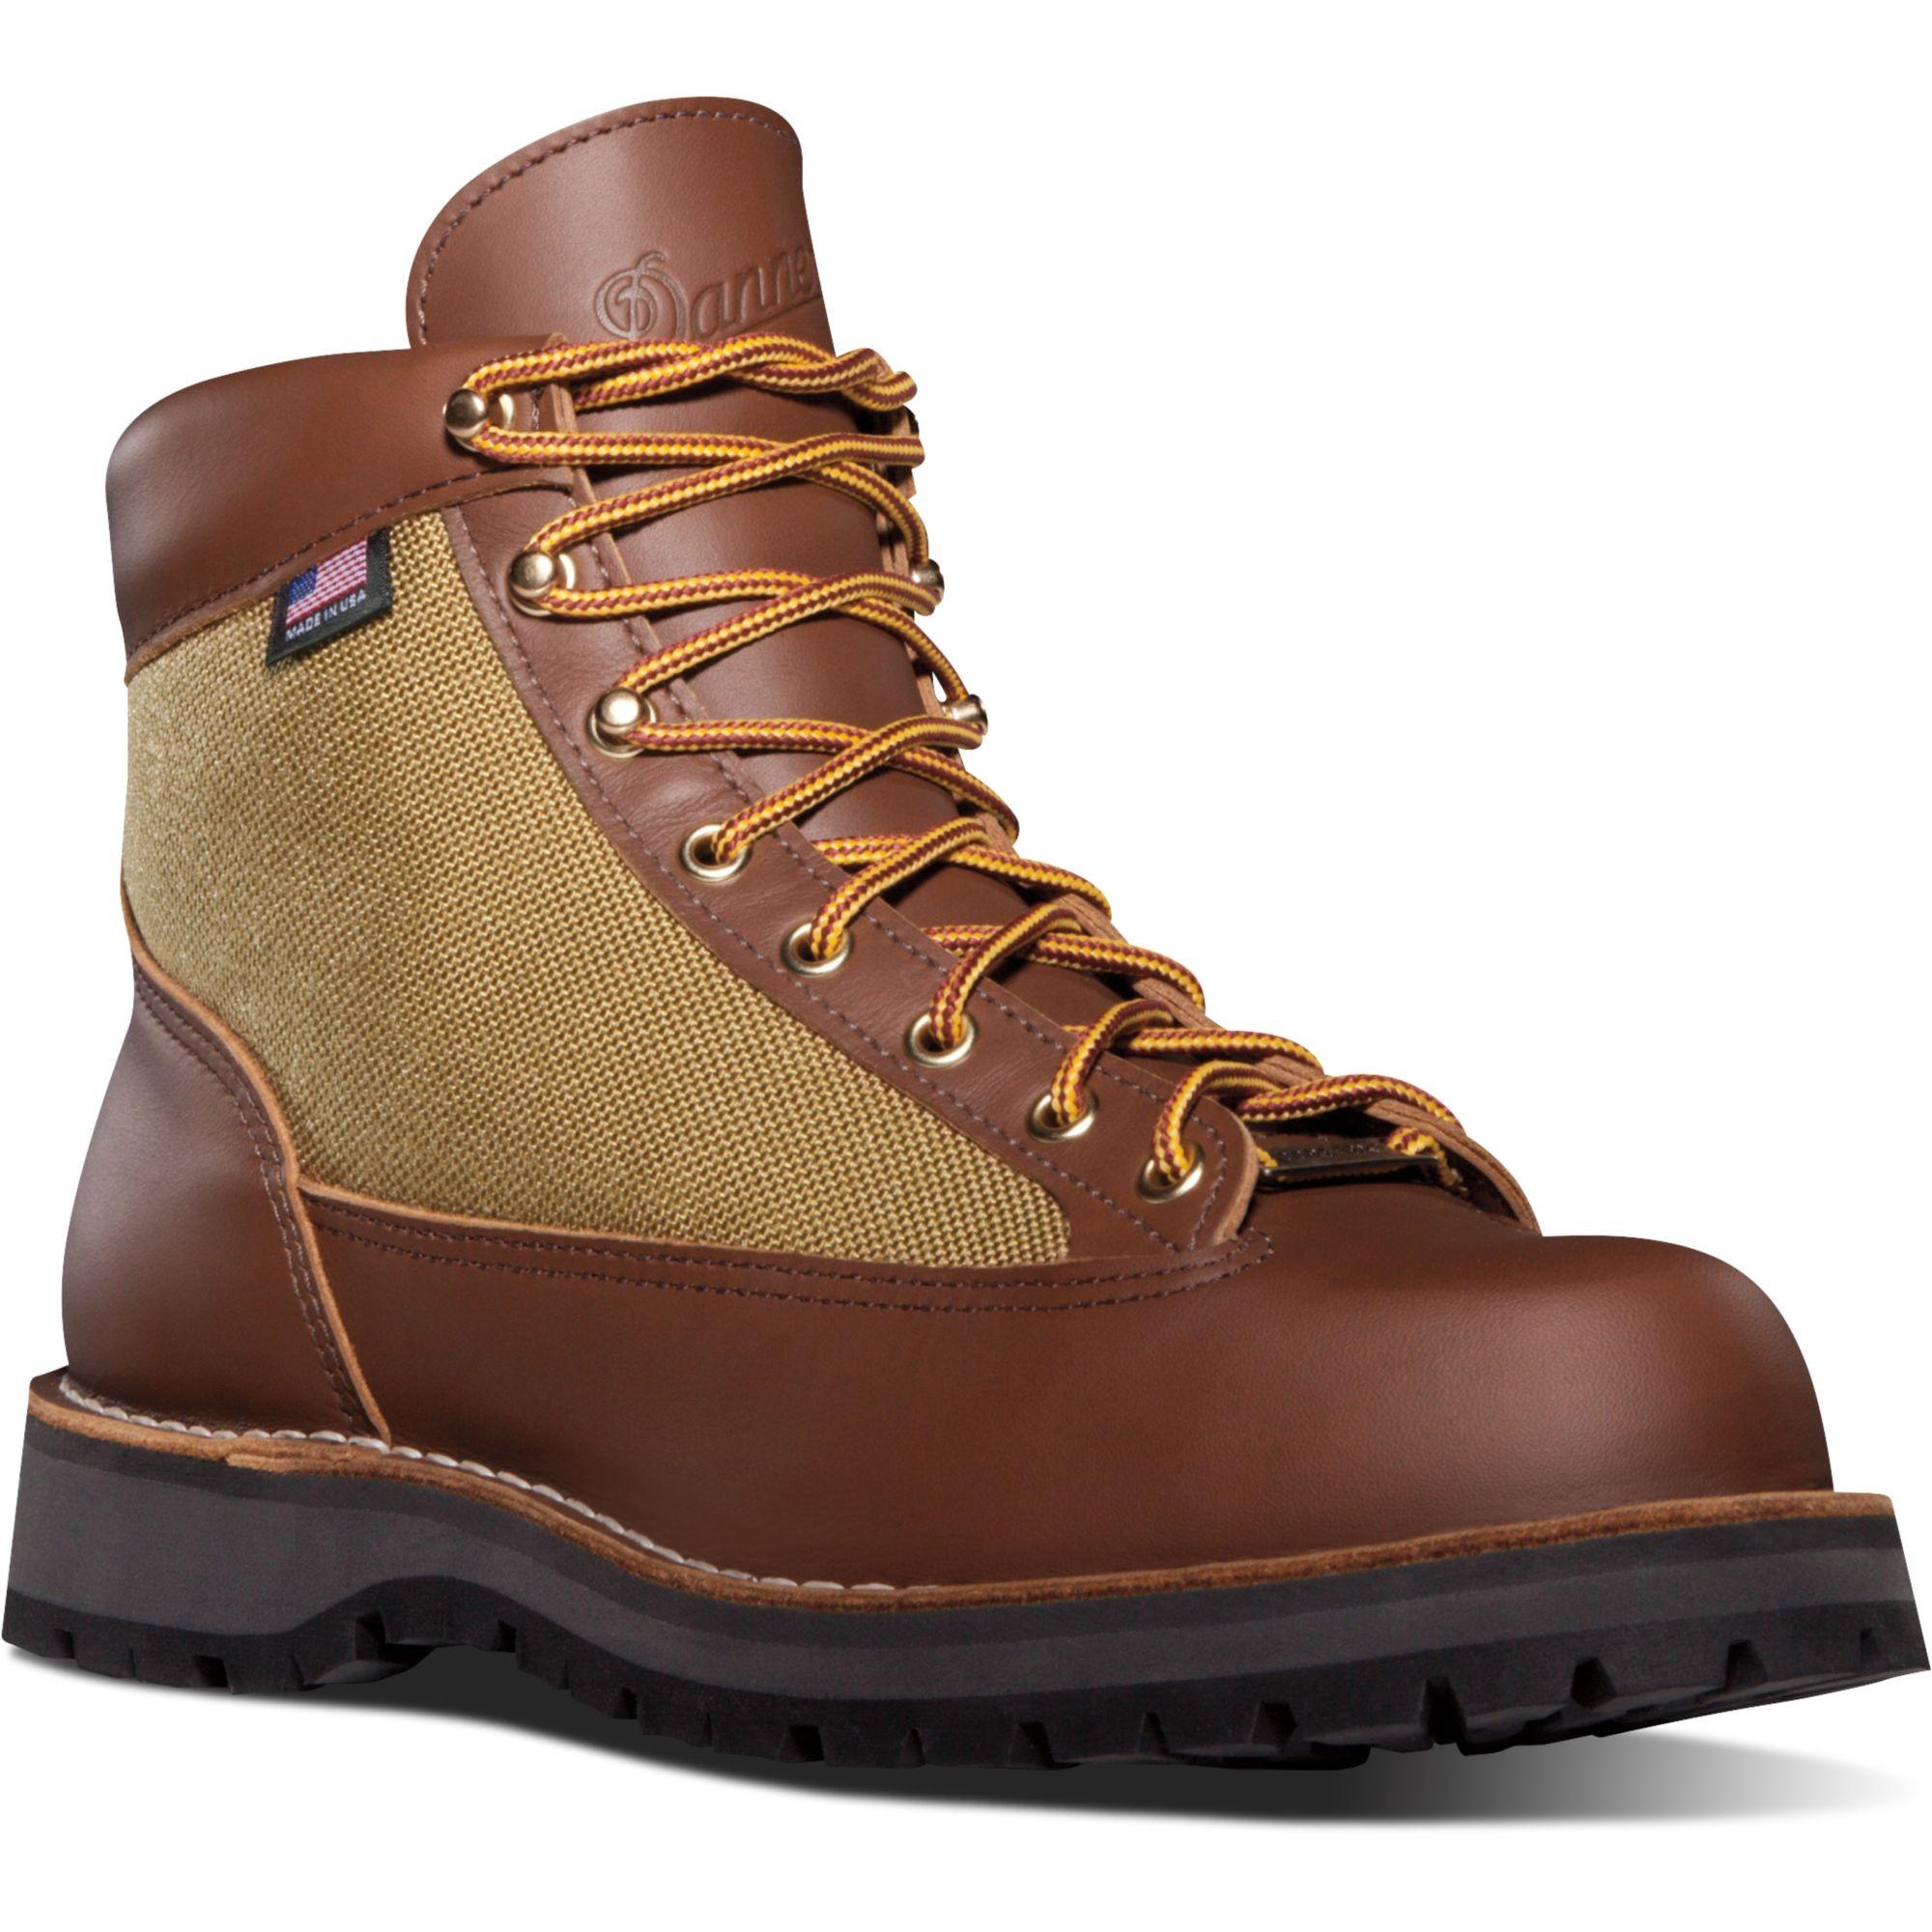 Danner Light Hiking Boot: Khaki